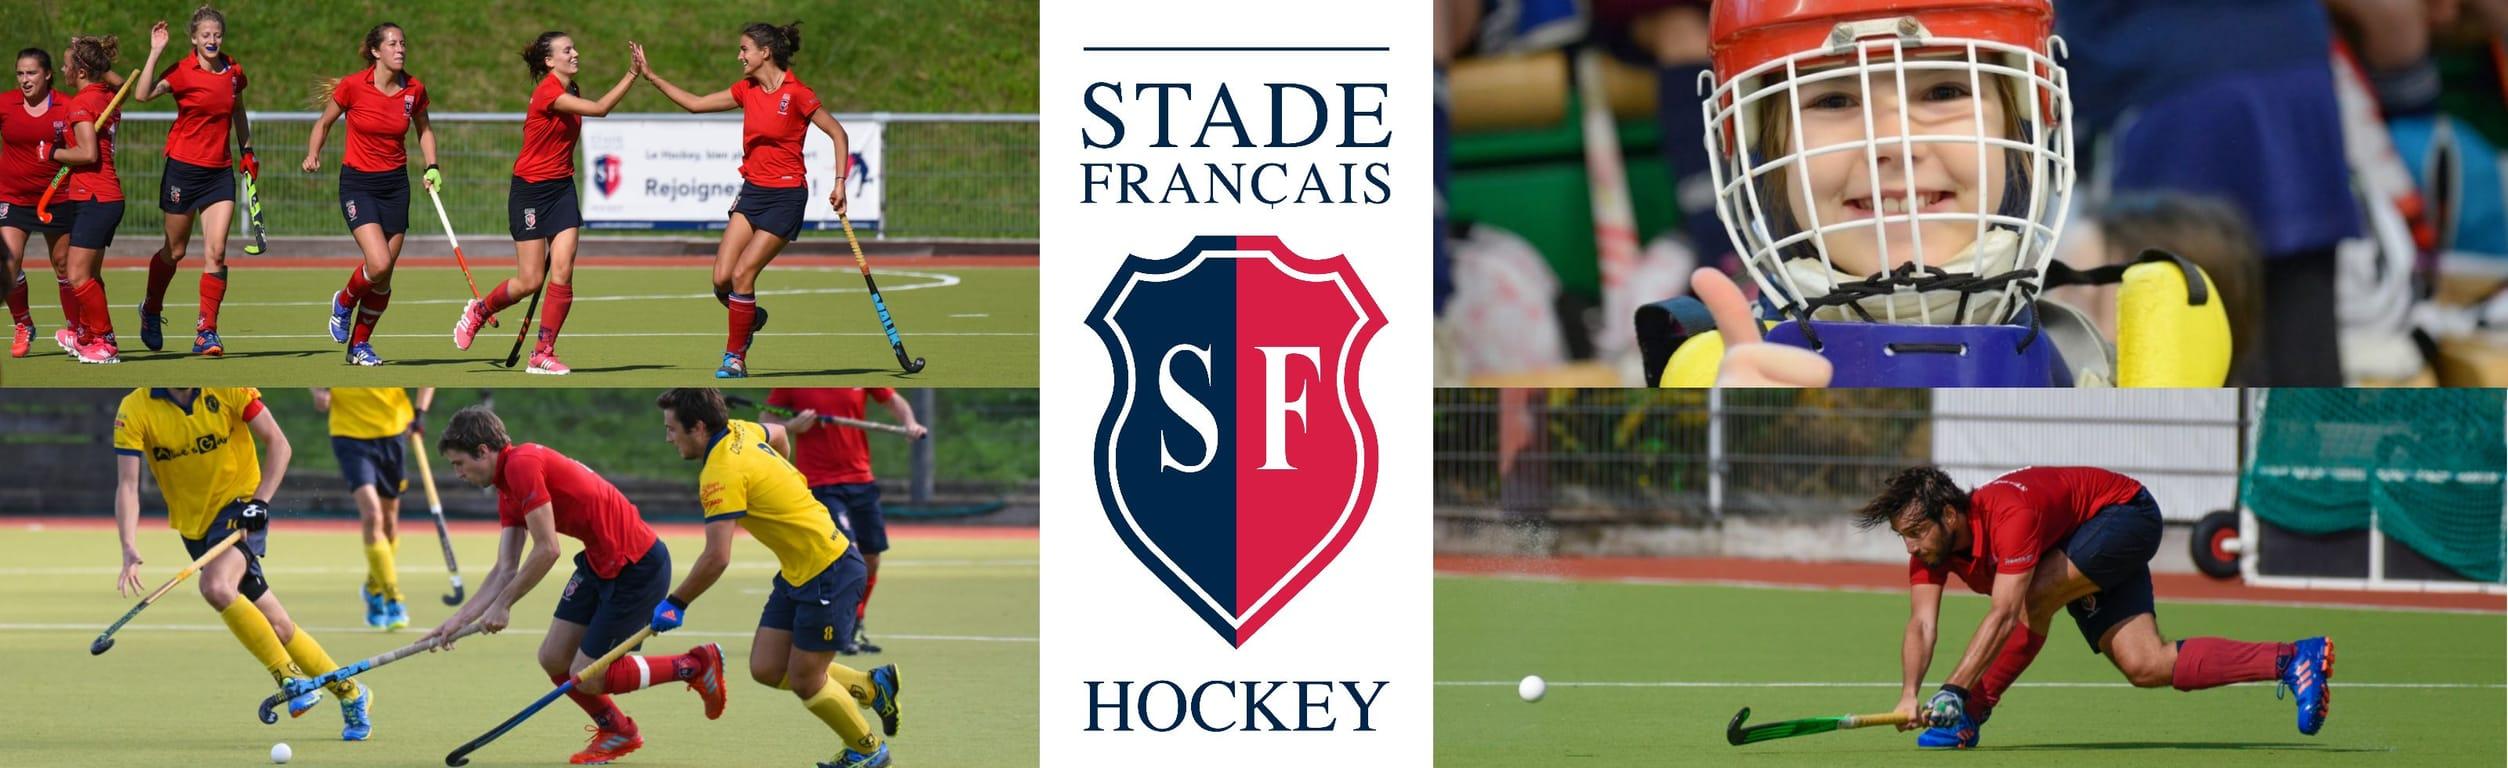 Stade Français Hockey